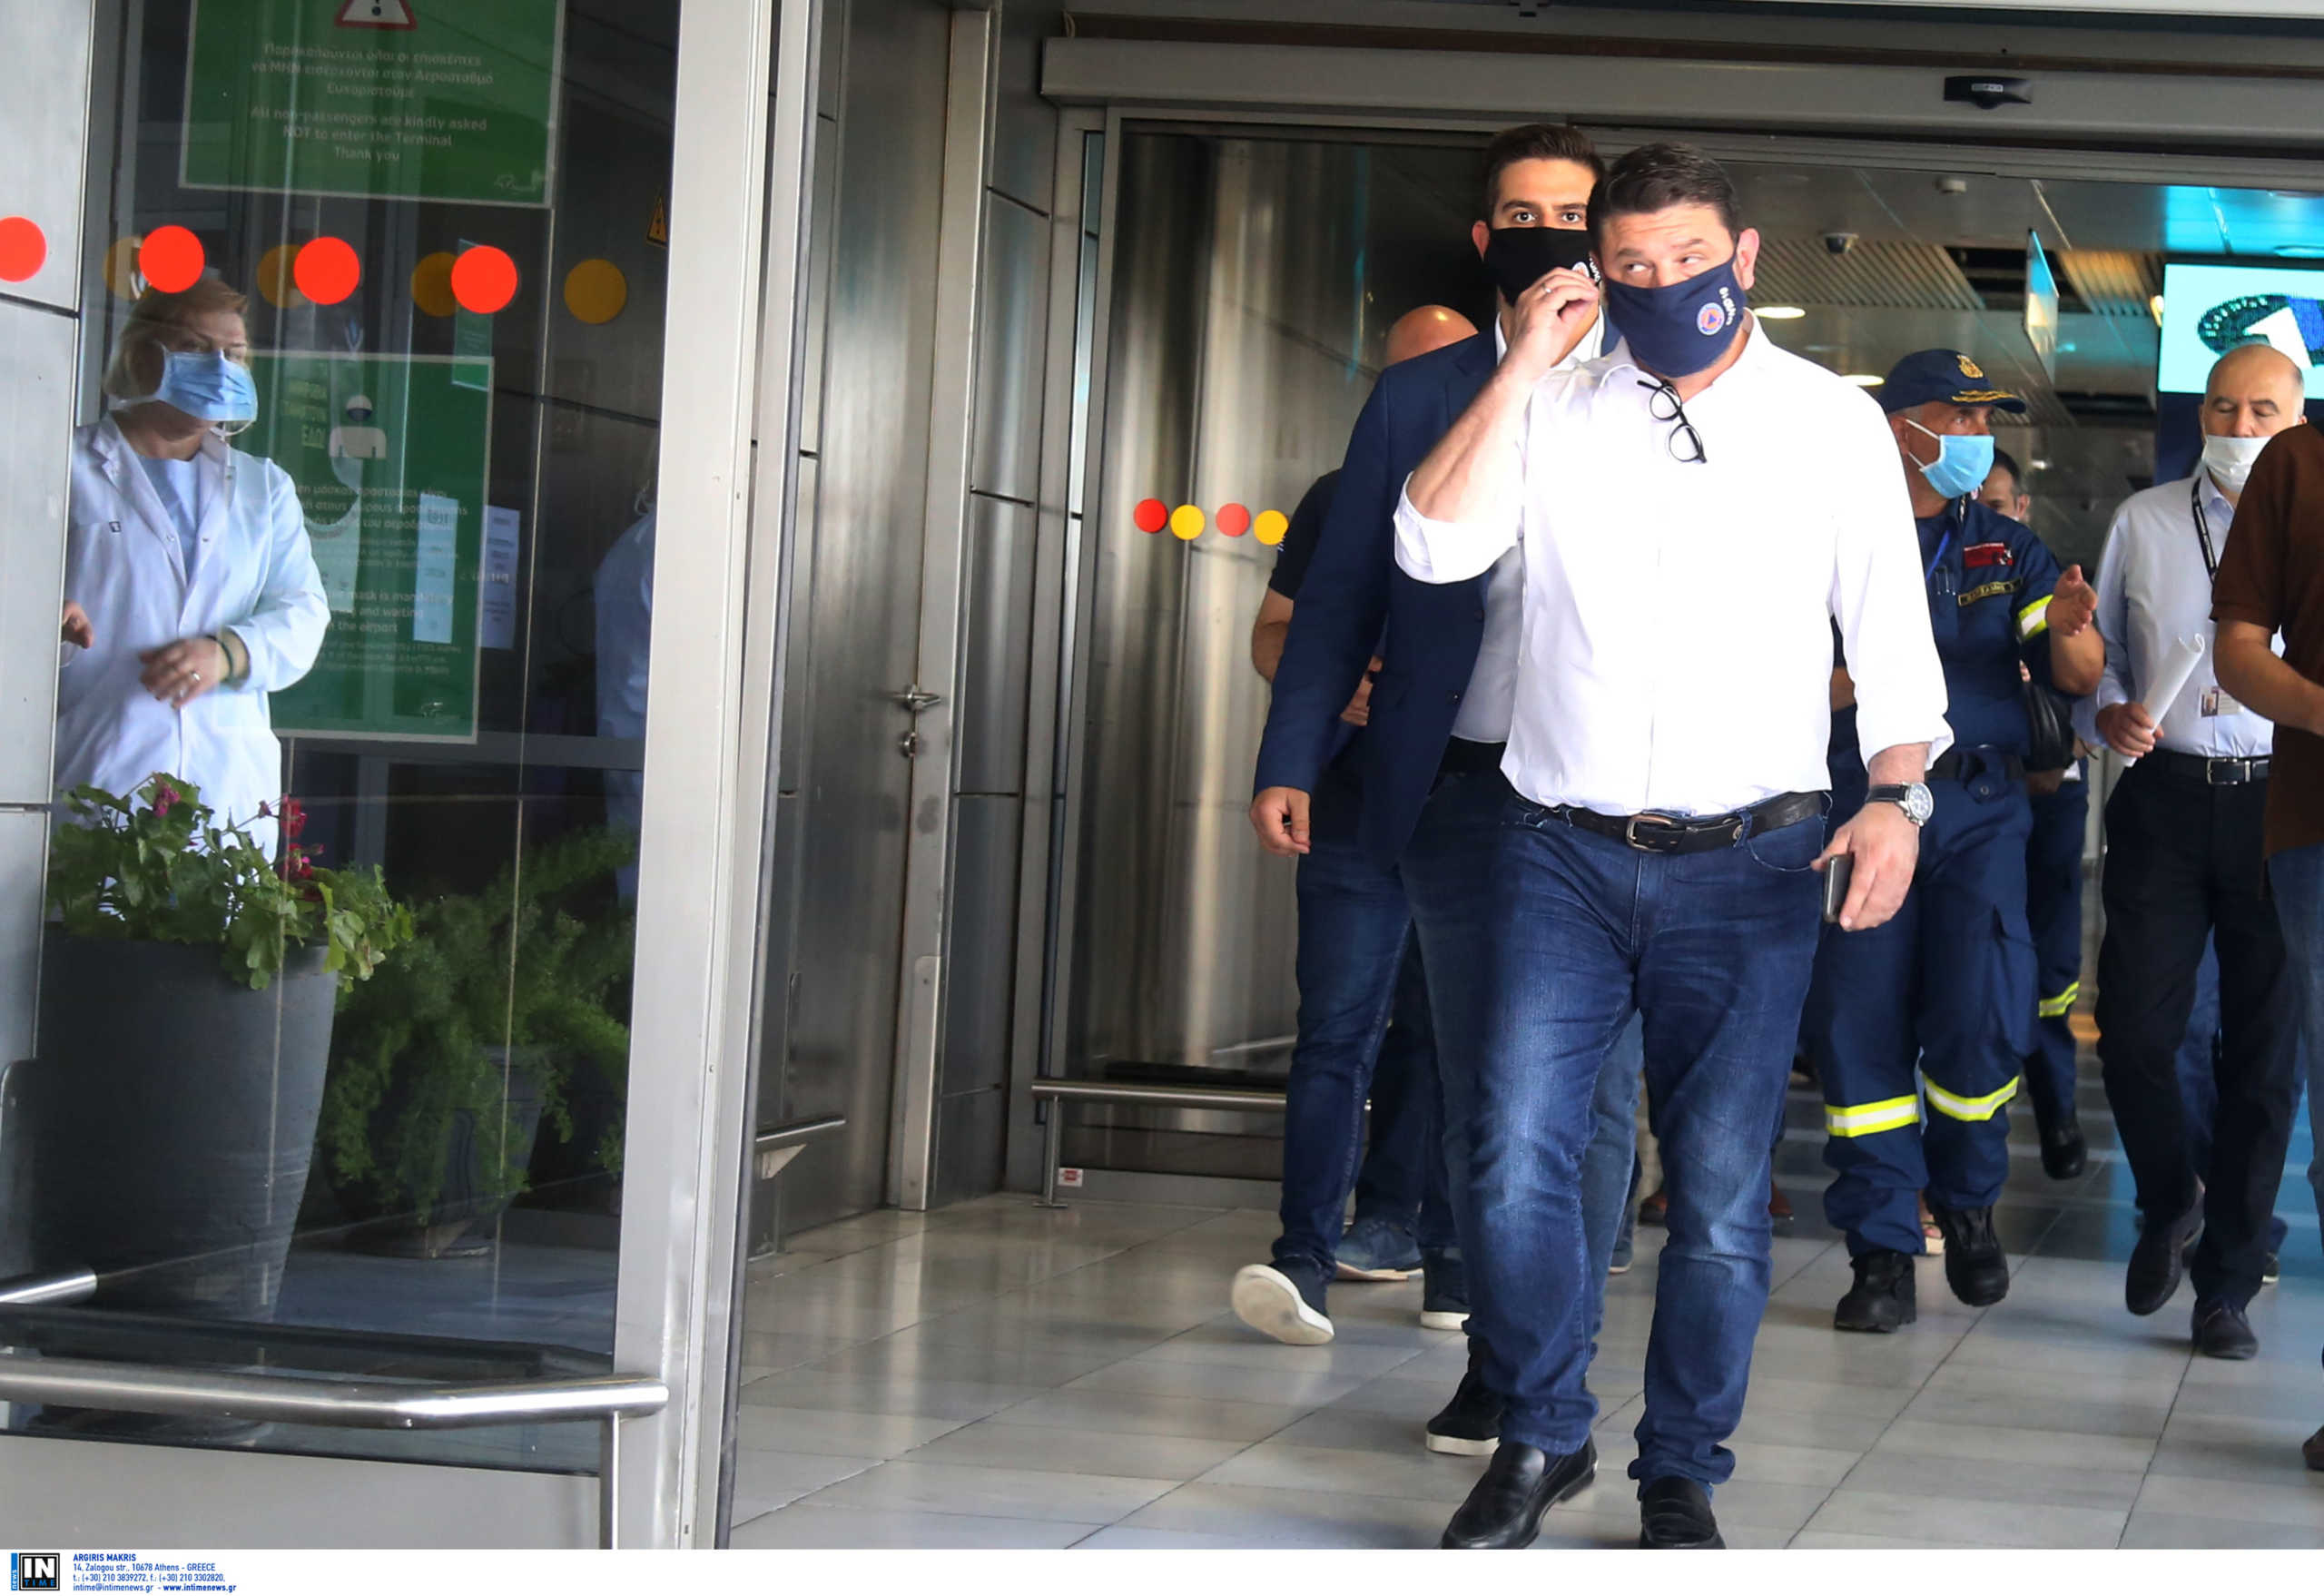 Θεσσαλονίκη: Με μάσκα ξανά ο Νίκος Χαρδαλιάς! Ο κορονοϊός και οι πρώτες πτήσεις από το εξωτερικό (Βίντεο)